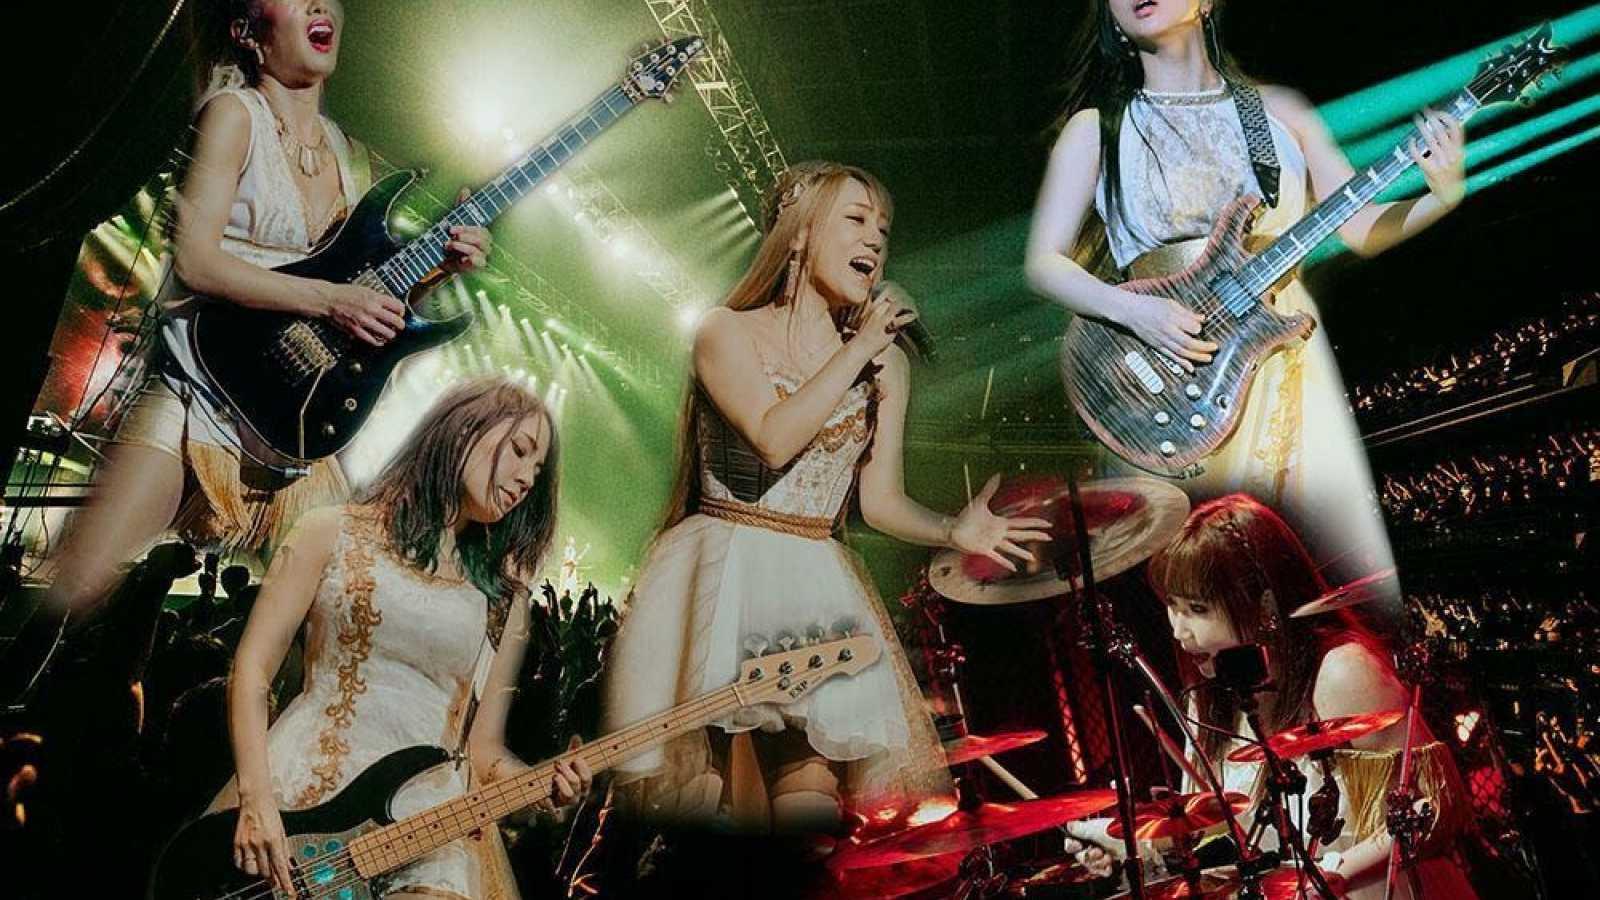 Koncertowy album LOVEBITES zyska zagraniczne płytowe wydanie © JVCKENWOOD Victor Entertainment Corp. All rights reserved.